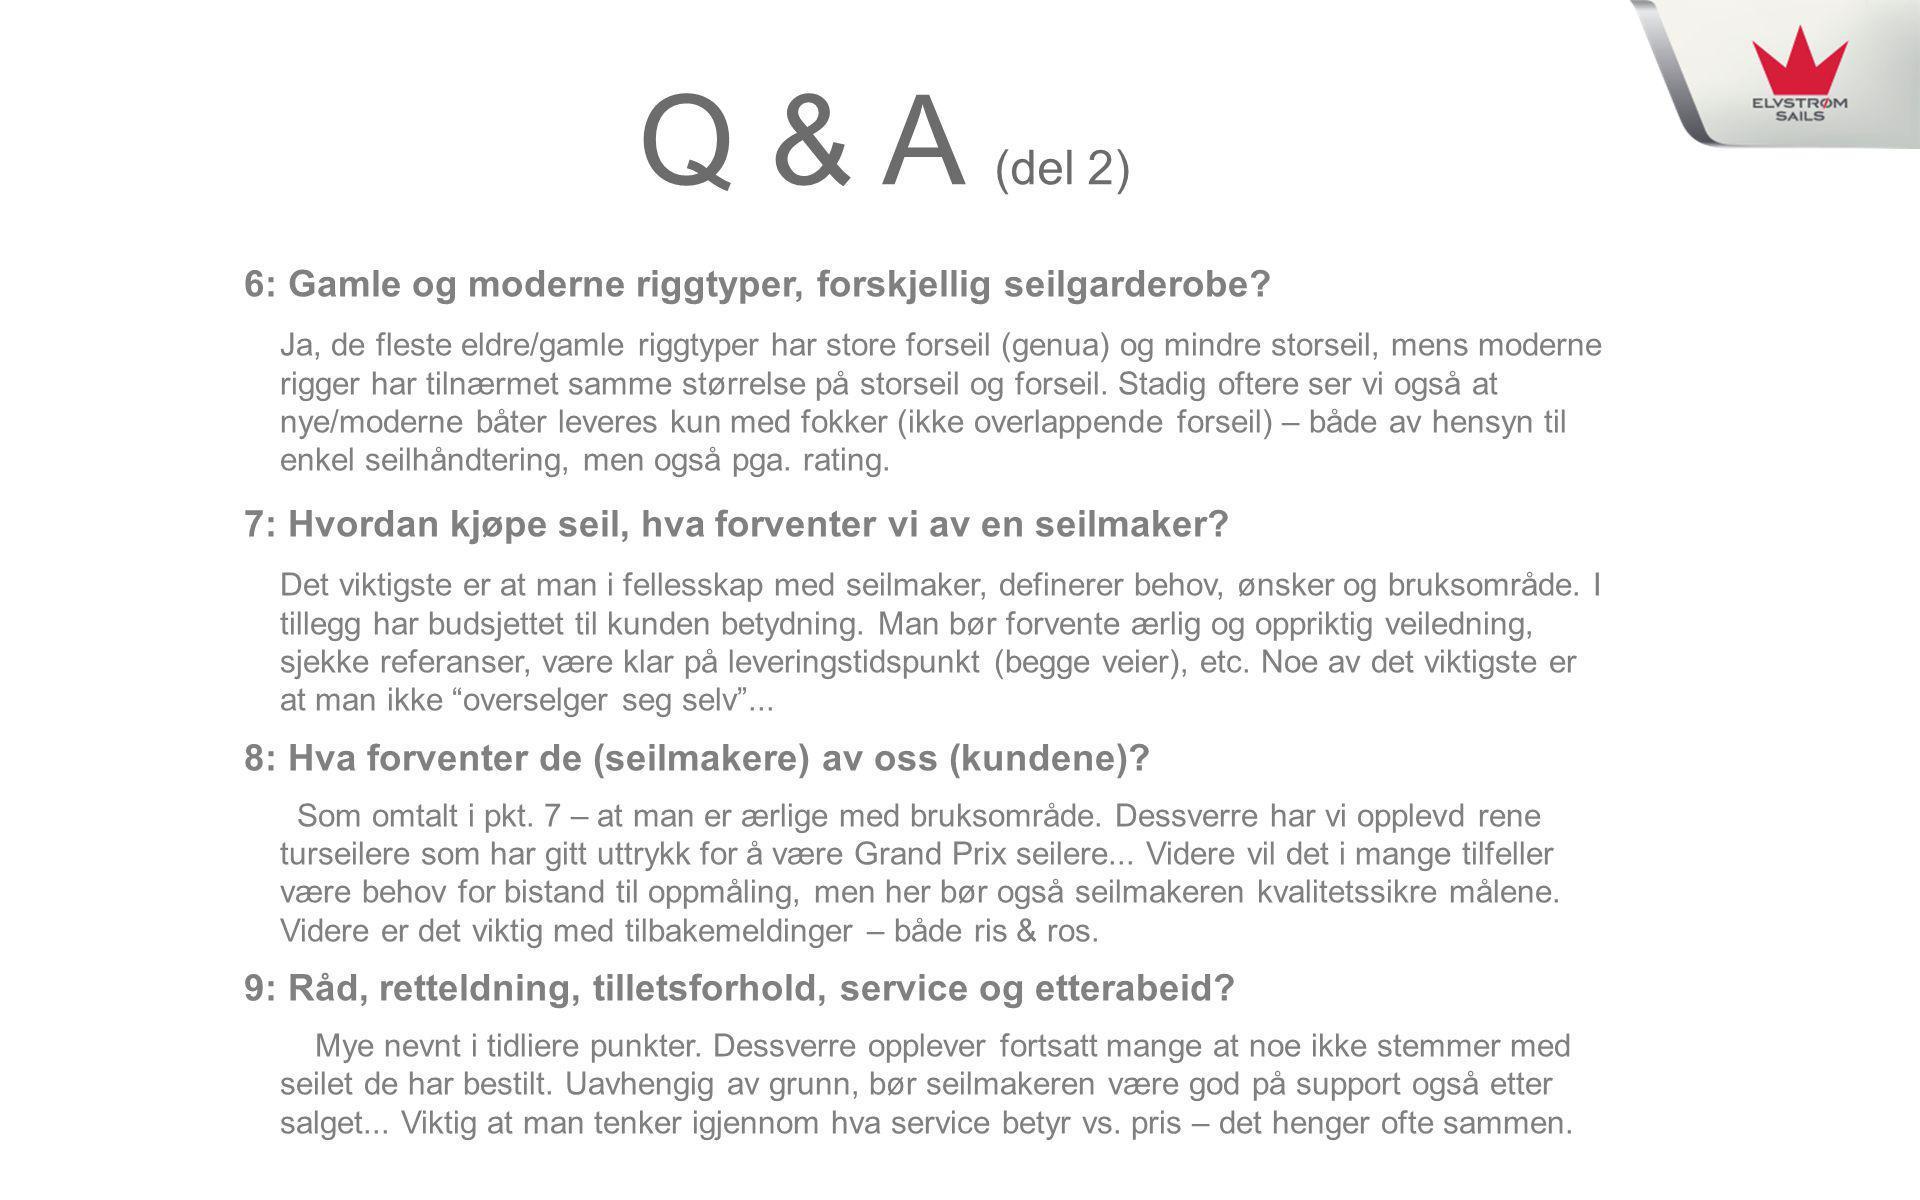 Q & A (del 2) 6: Gamle og moderne riggtyper, forskjellig seilgarderobe? Ja, de fleste eldre/gamle riggtyper har store forseil (genua) og mindre storse